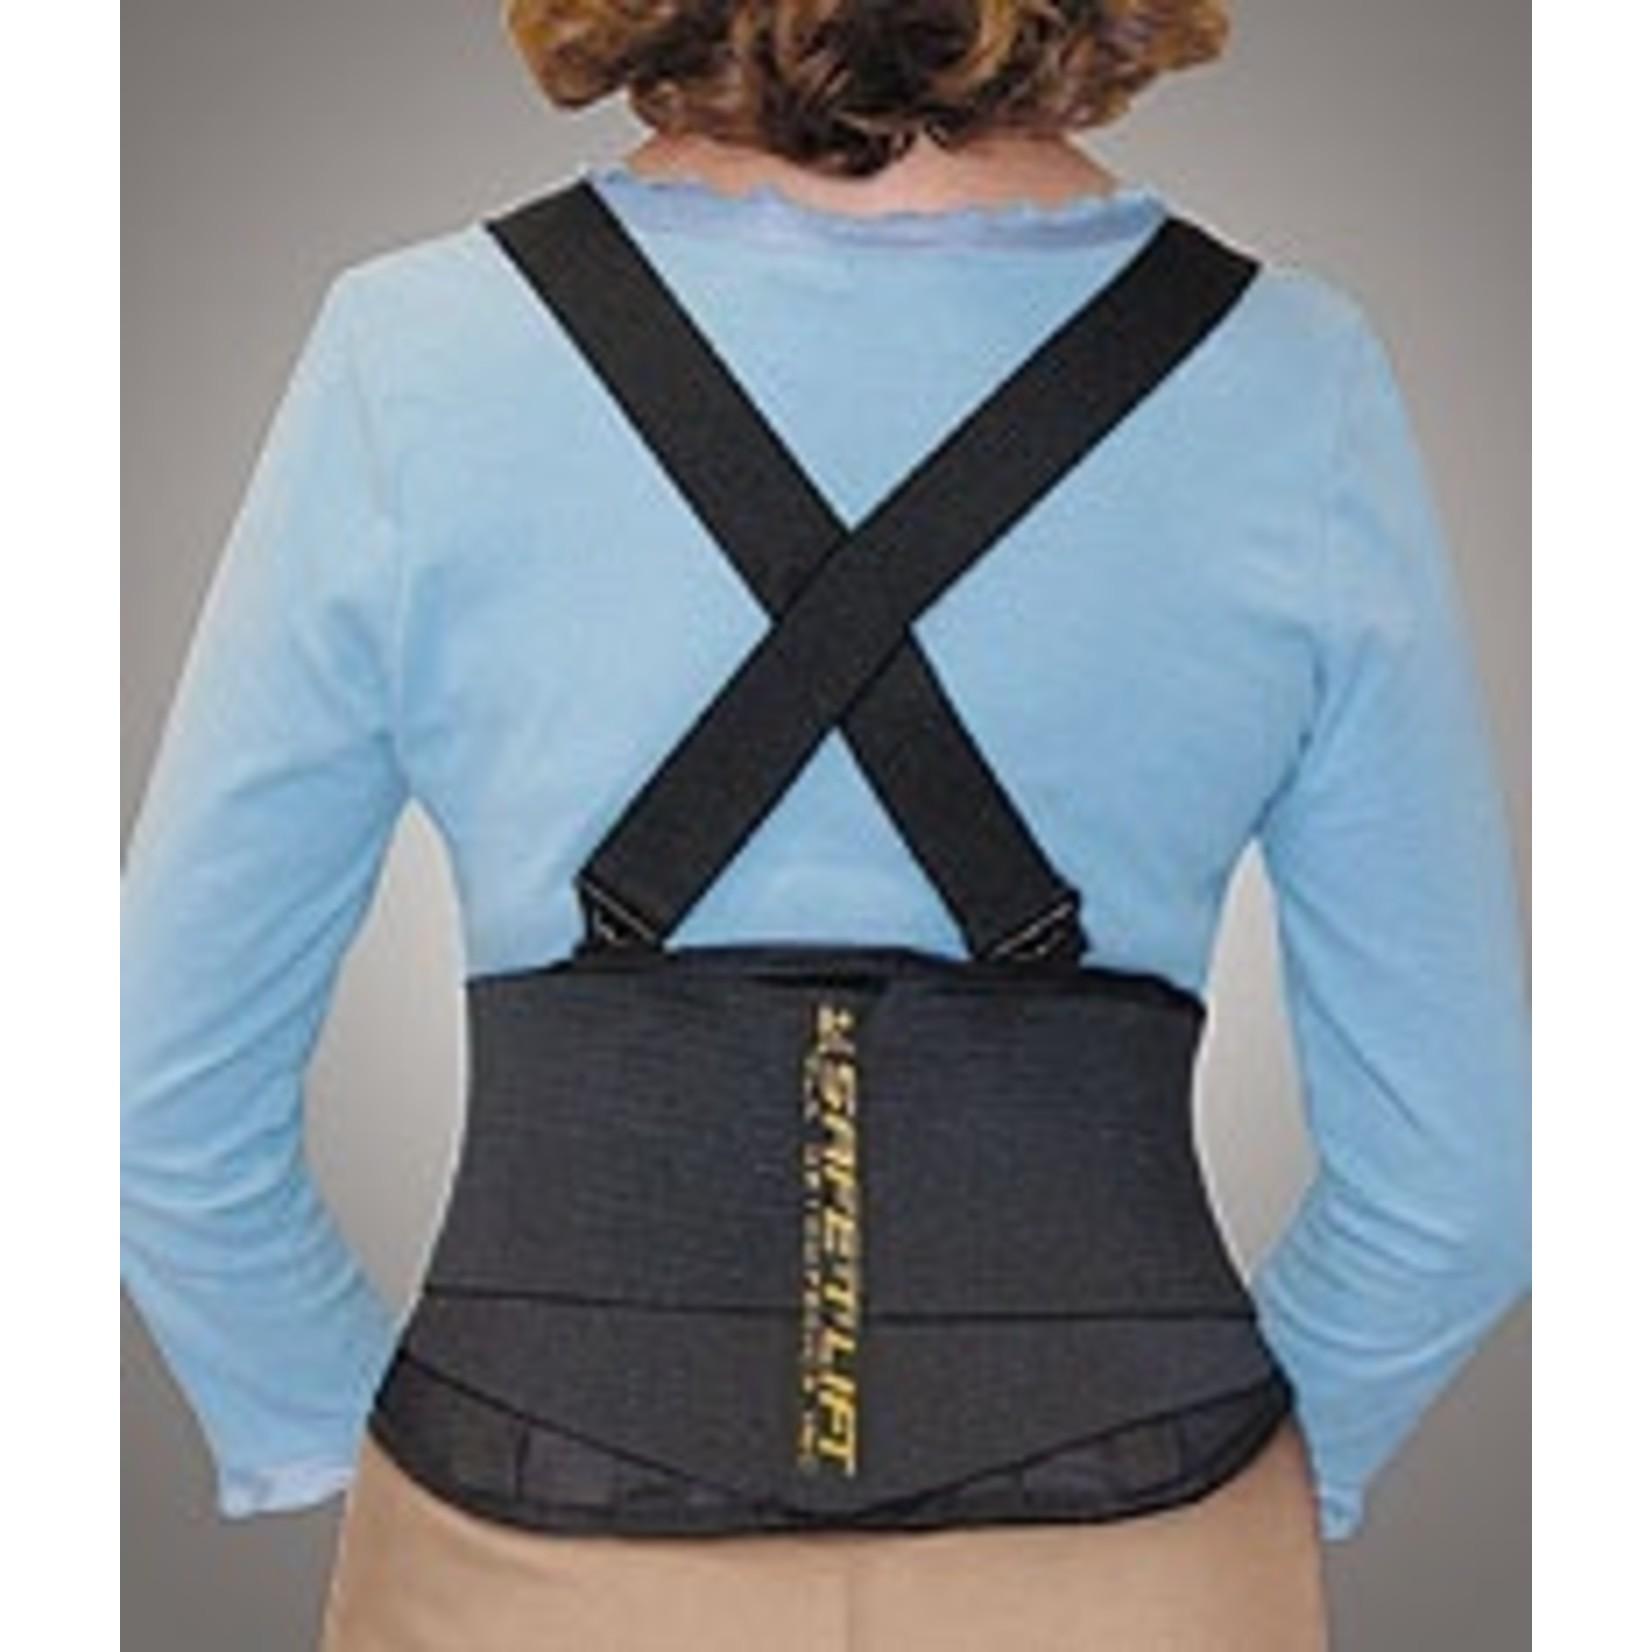 FLA Orthopedics Occupational Back Support